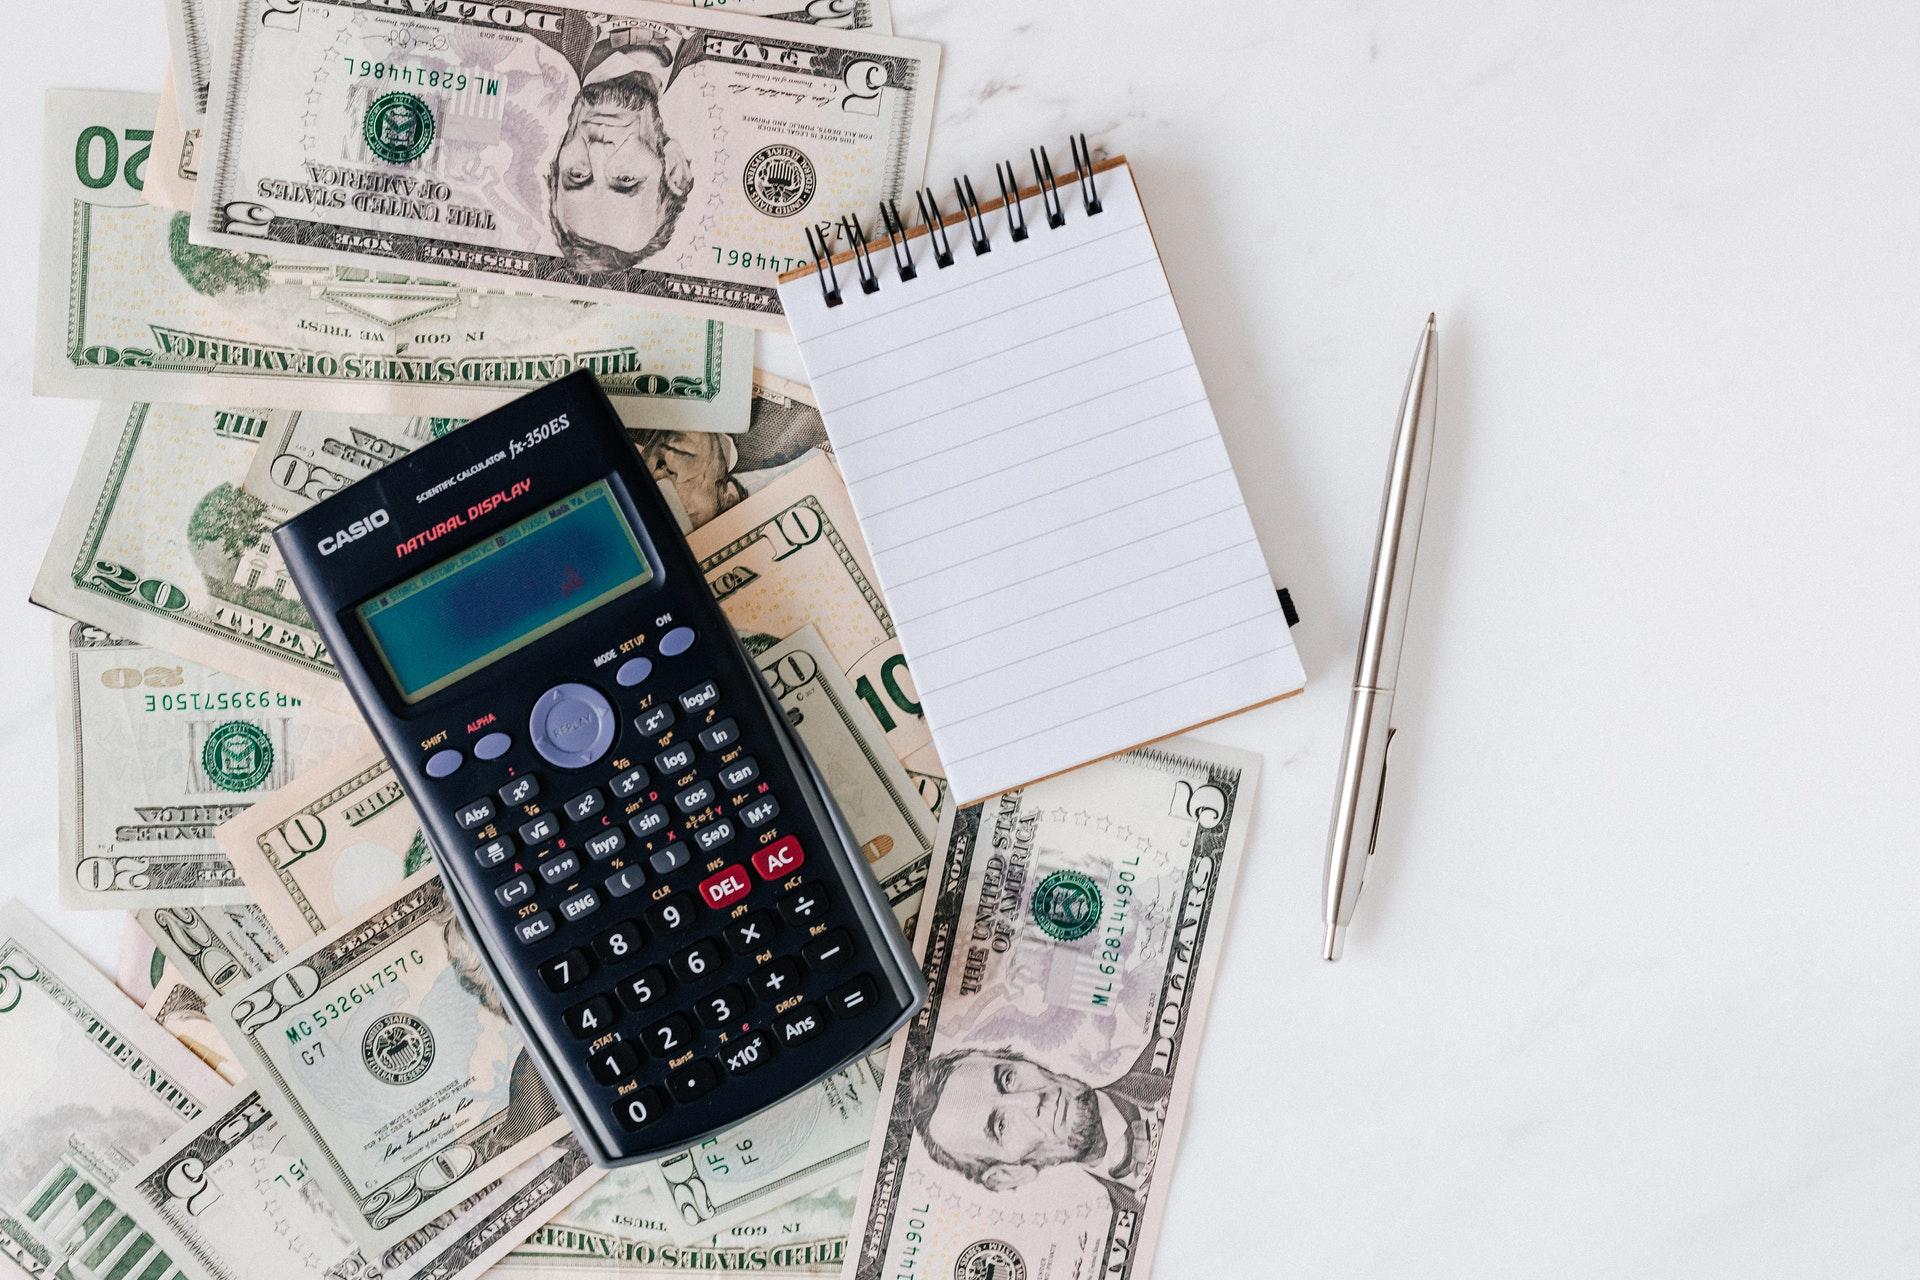 Imagem de notas de dinheiro e uma calculadora e caderno de anotações por cima. Imagem ilustrativa texto ideias de negócio.